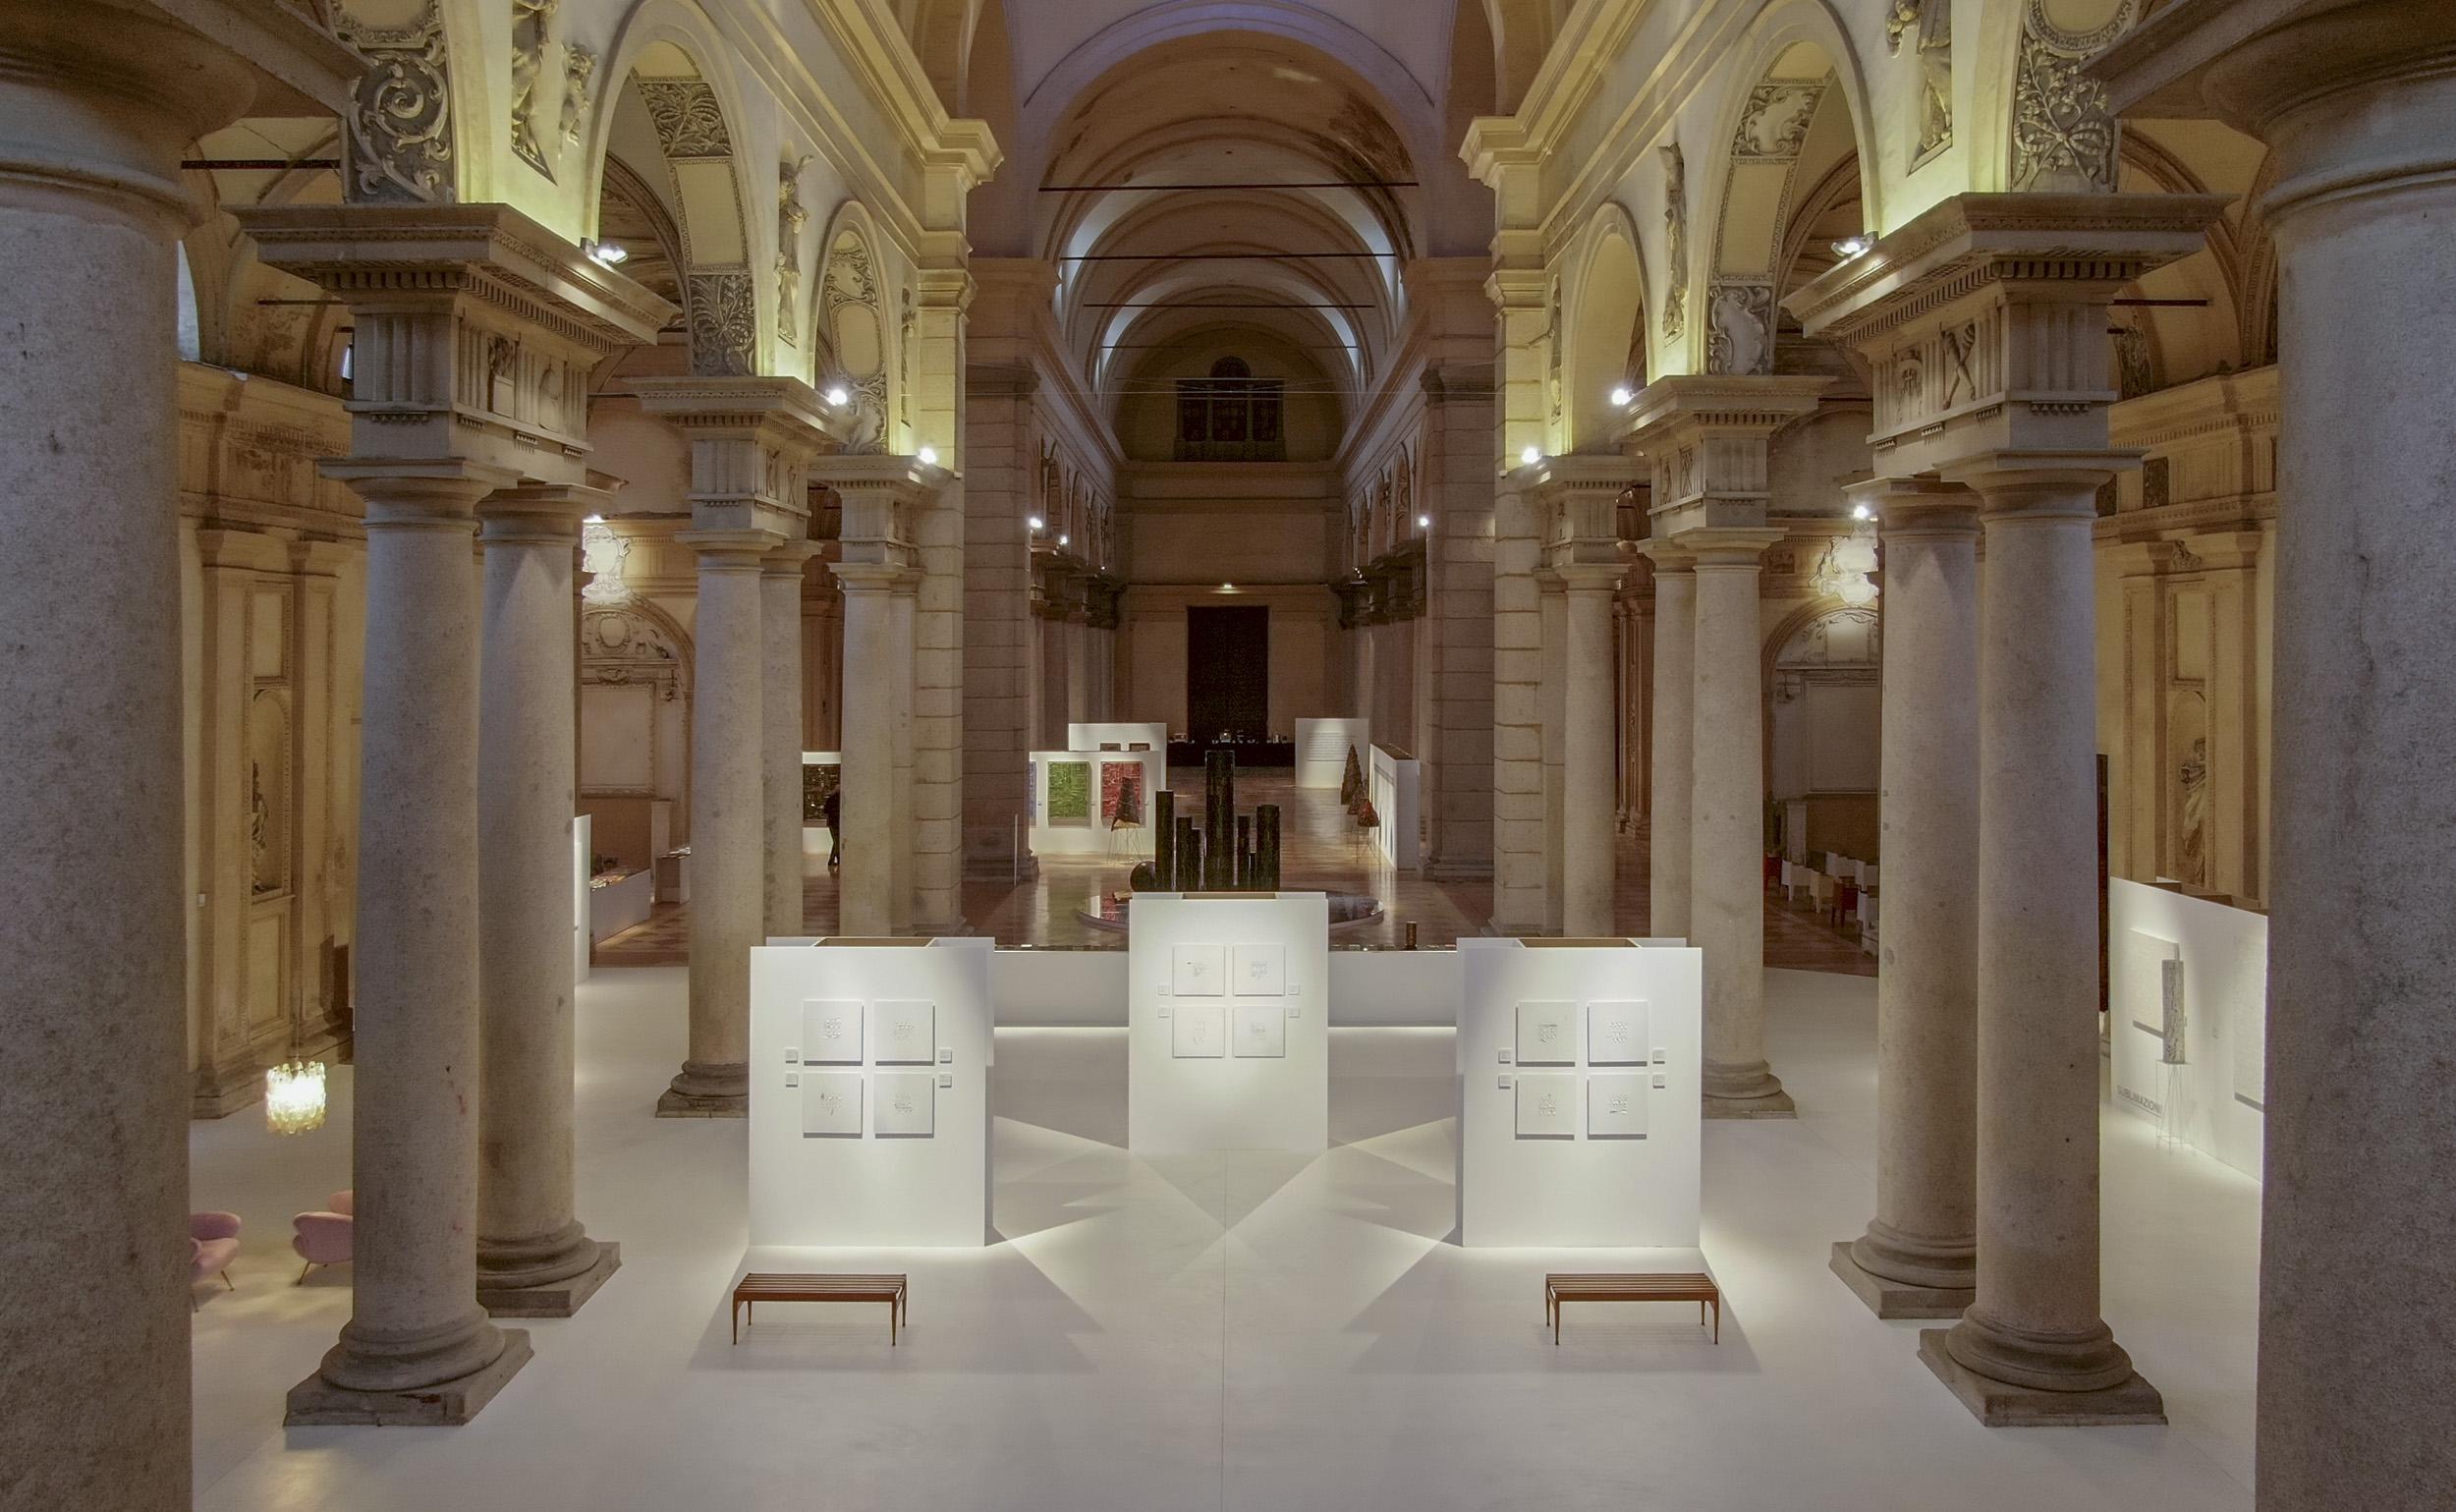 La scrittura rivelatrice di Giorgio Milani in una spettacolare chiesa sconsacrata a Piacenza